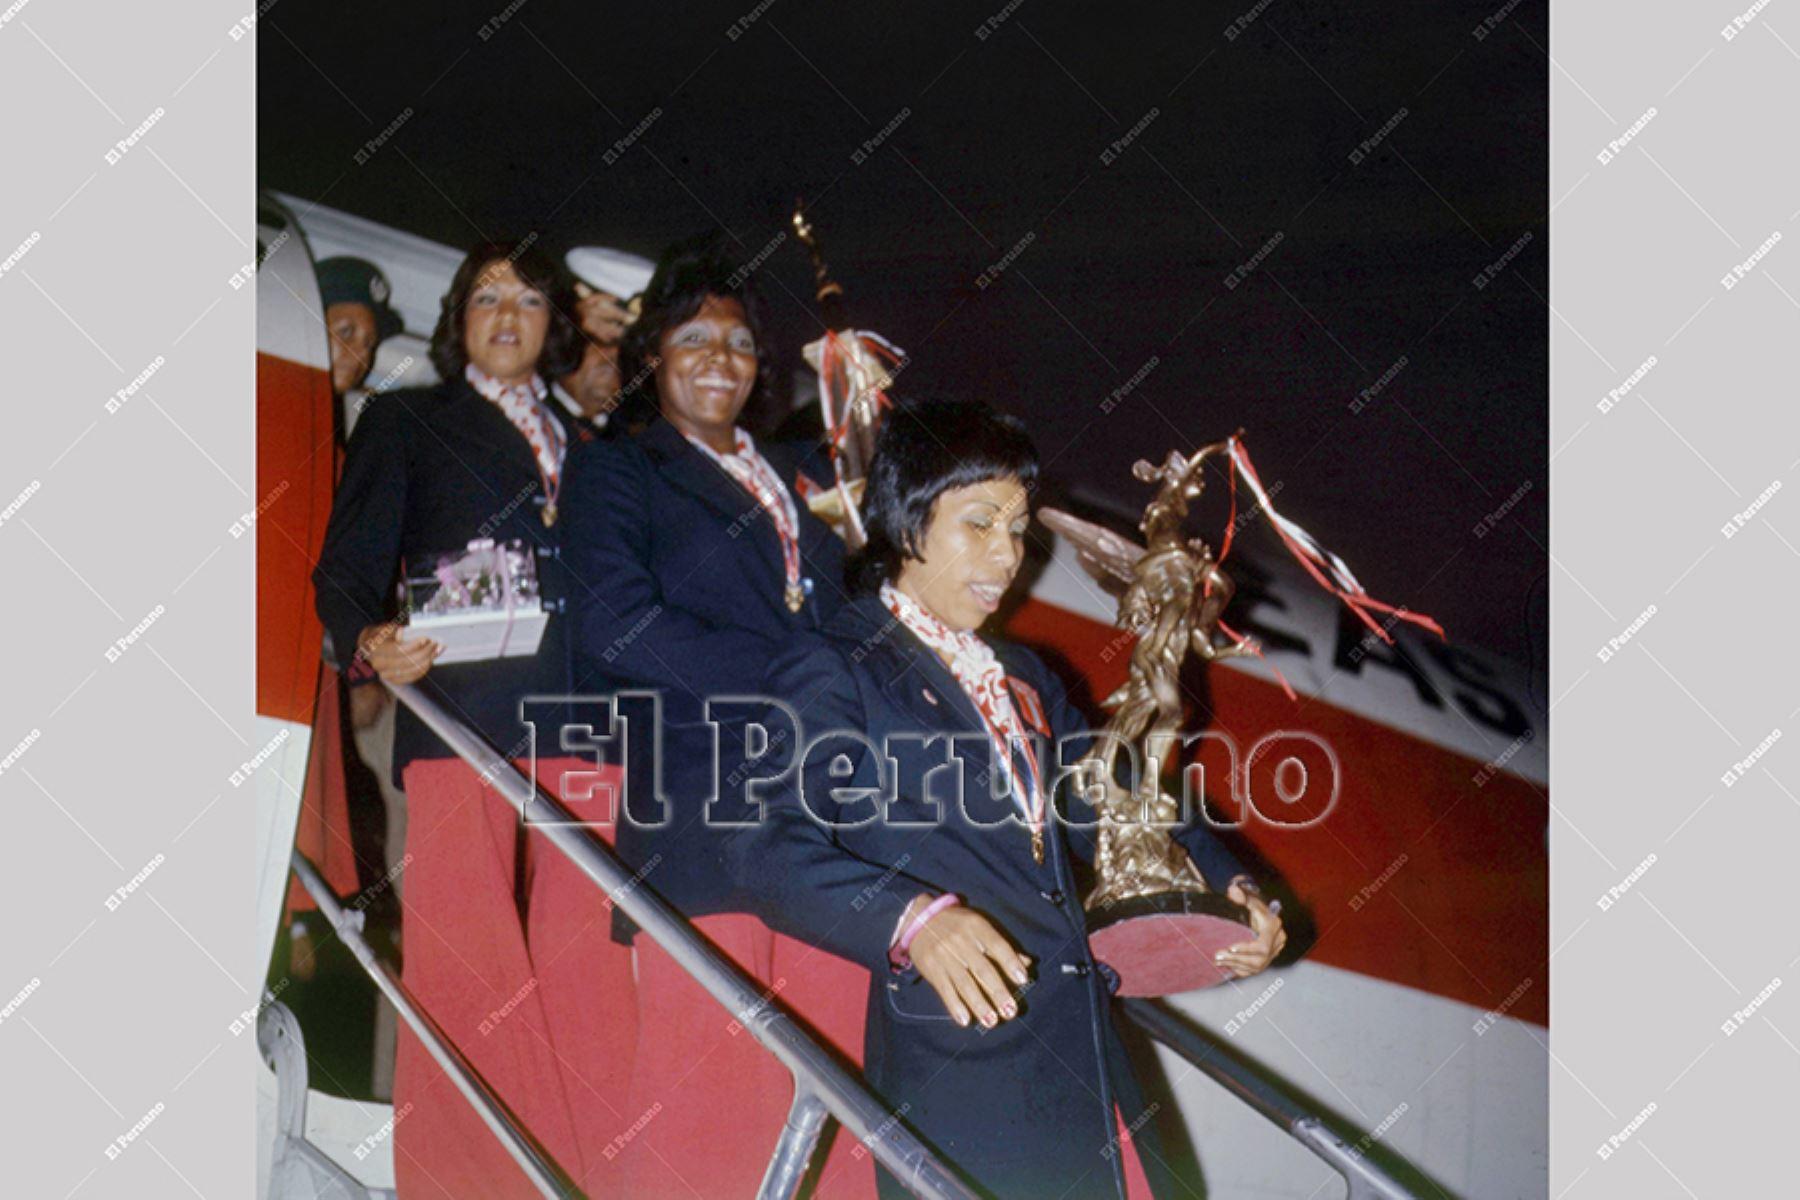 Callao - 1975 / Llegada de la selección peruana de voleibol que participo en el campeonato sudamericano. En la imagen descienden del avión con trofeos en mano Irma Cordero y Lucha Fuentes.  Foto: Archivo Histórico de EL PERUANO